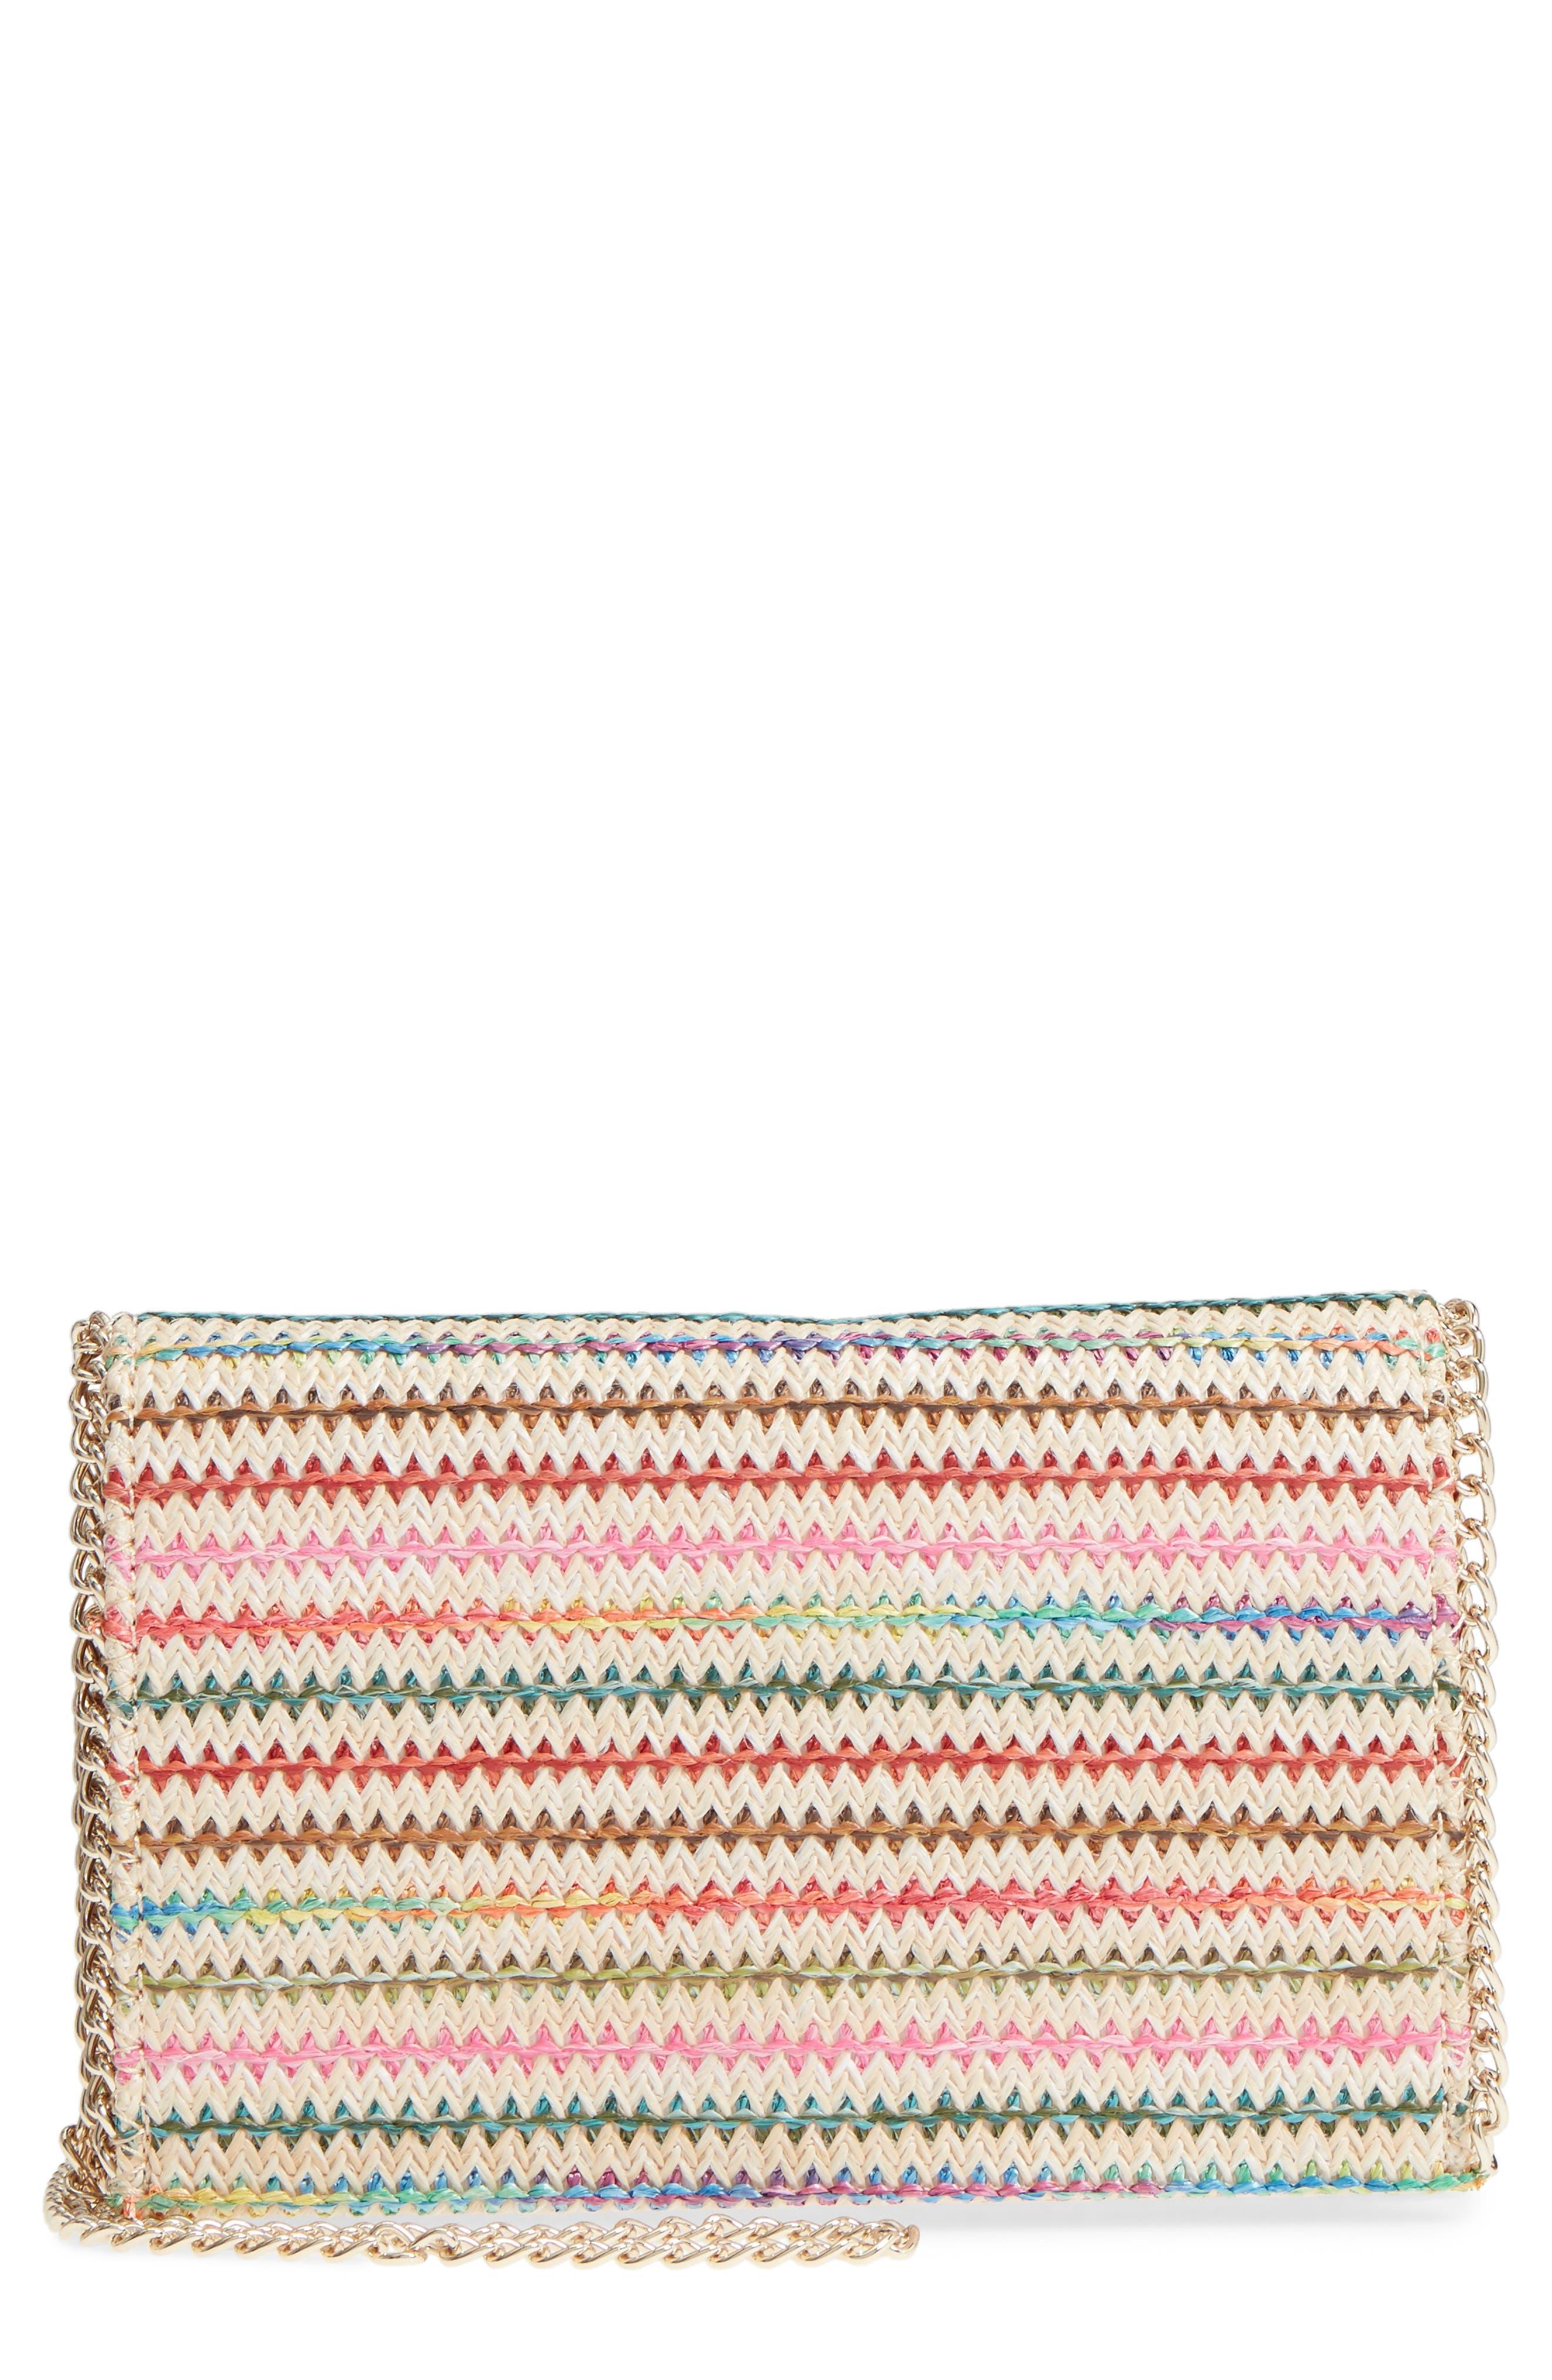 Multistripe Woven Clutch,                         Main,                         color, Natural Multicolor Stripe